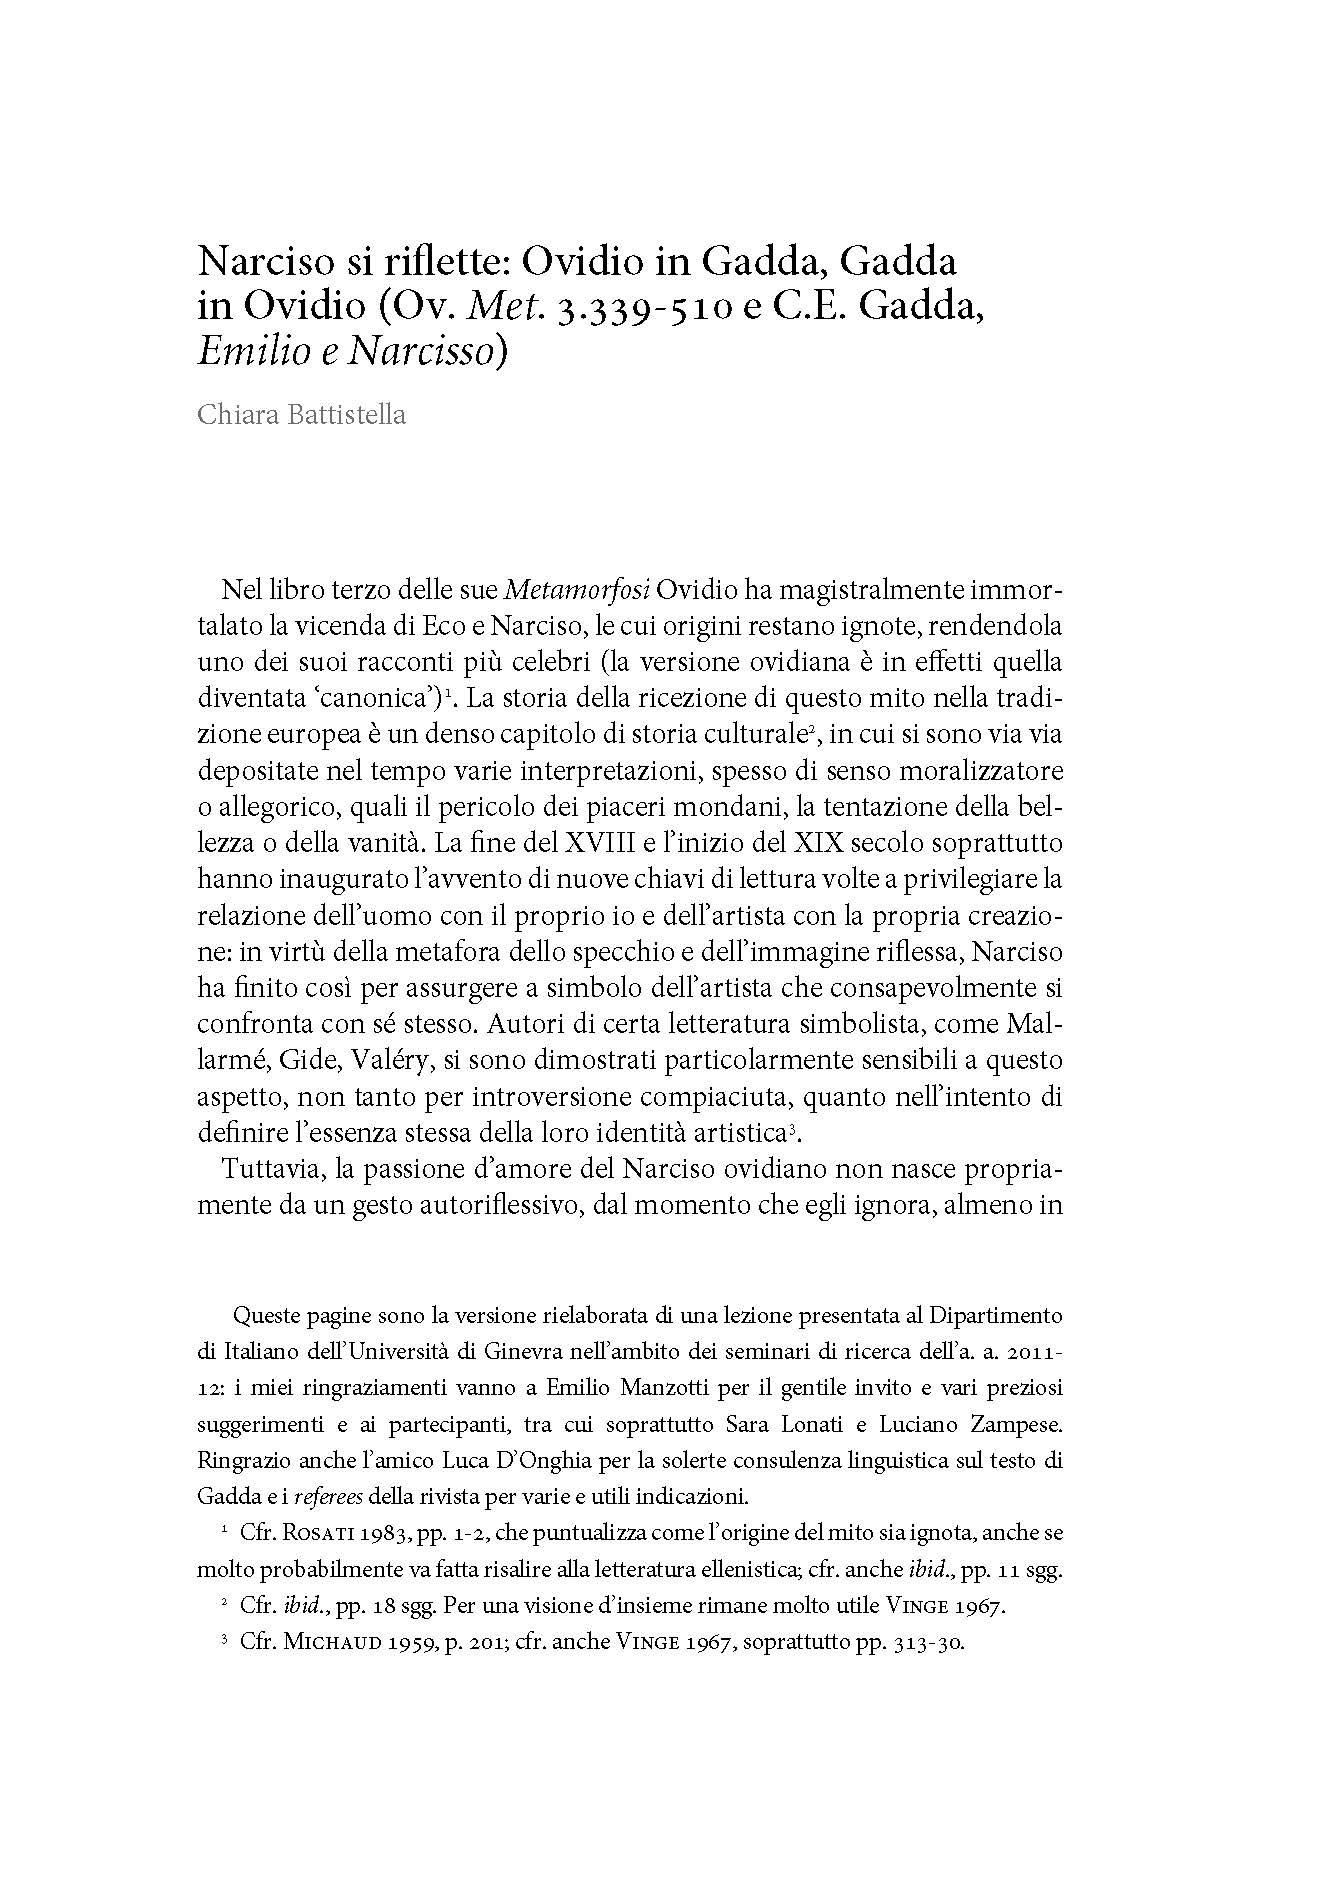 Narciso si riflette: Ovidio in Gadda, Gadda in Ovidio